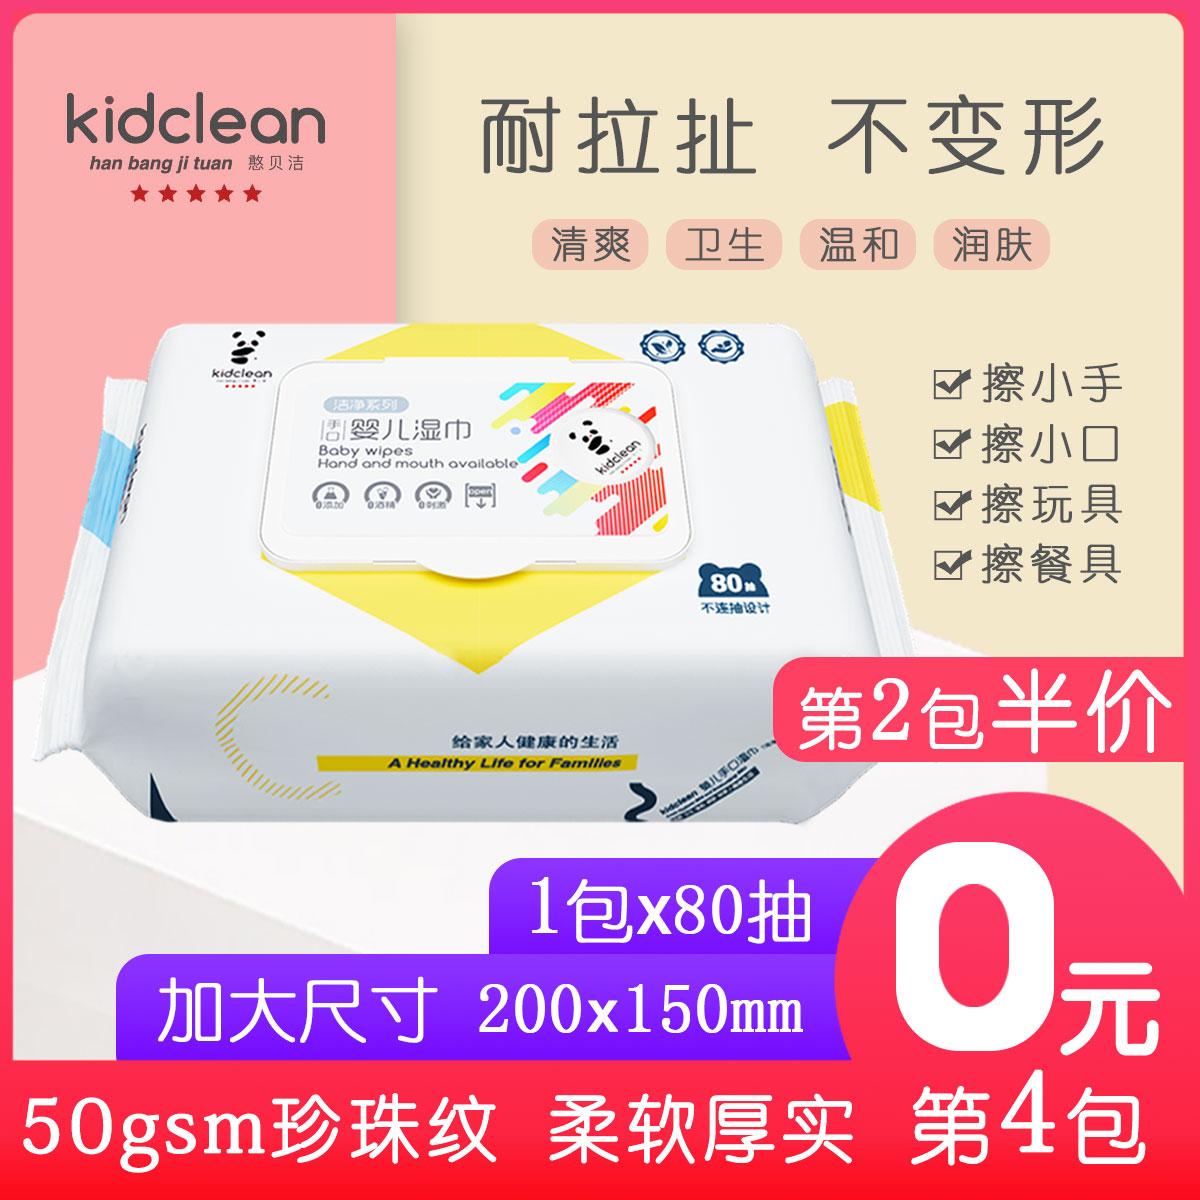 Kid Clean 憨贝洁80抽一包婴儿手口湿巾超大超厚洁净系列宝宝湿巾